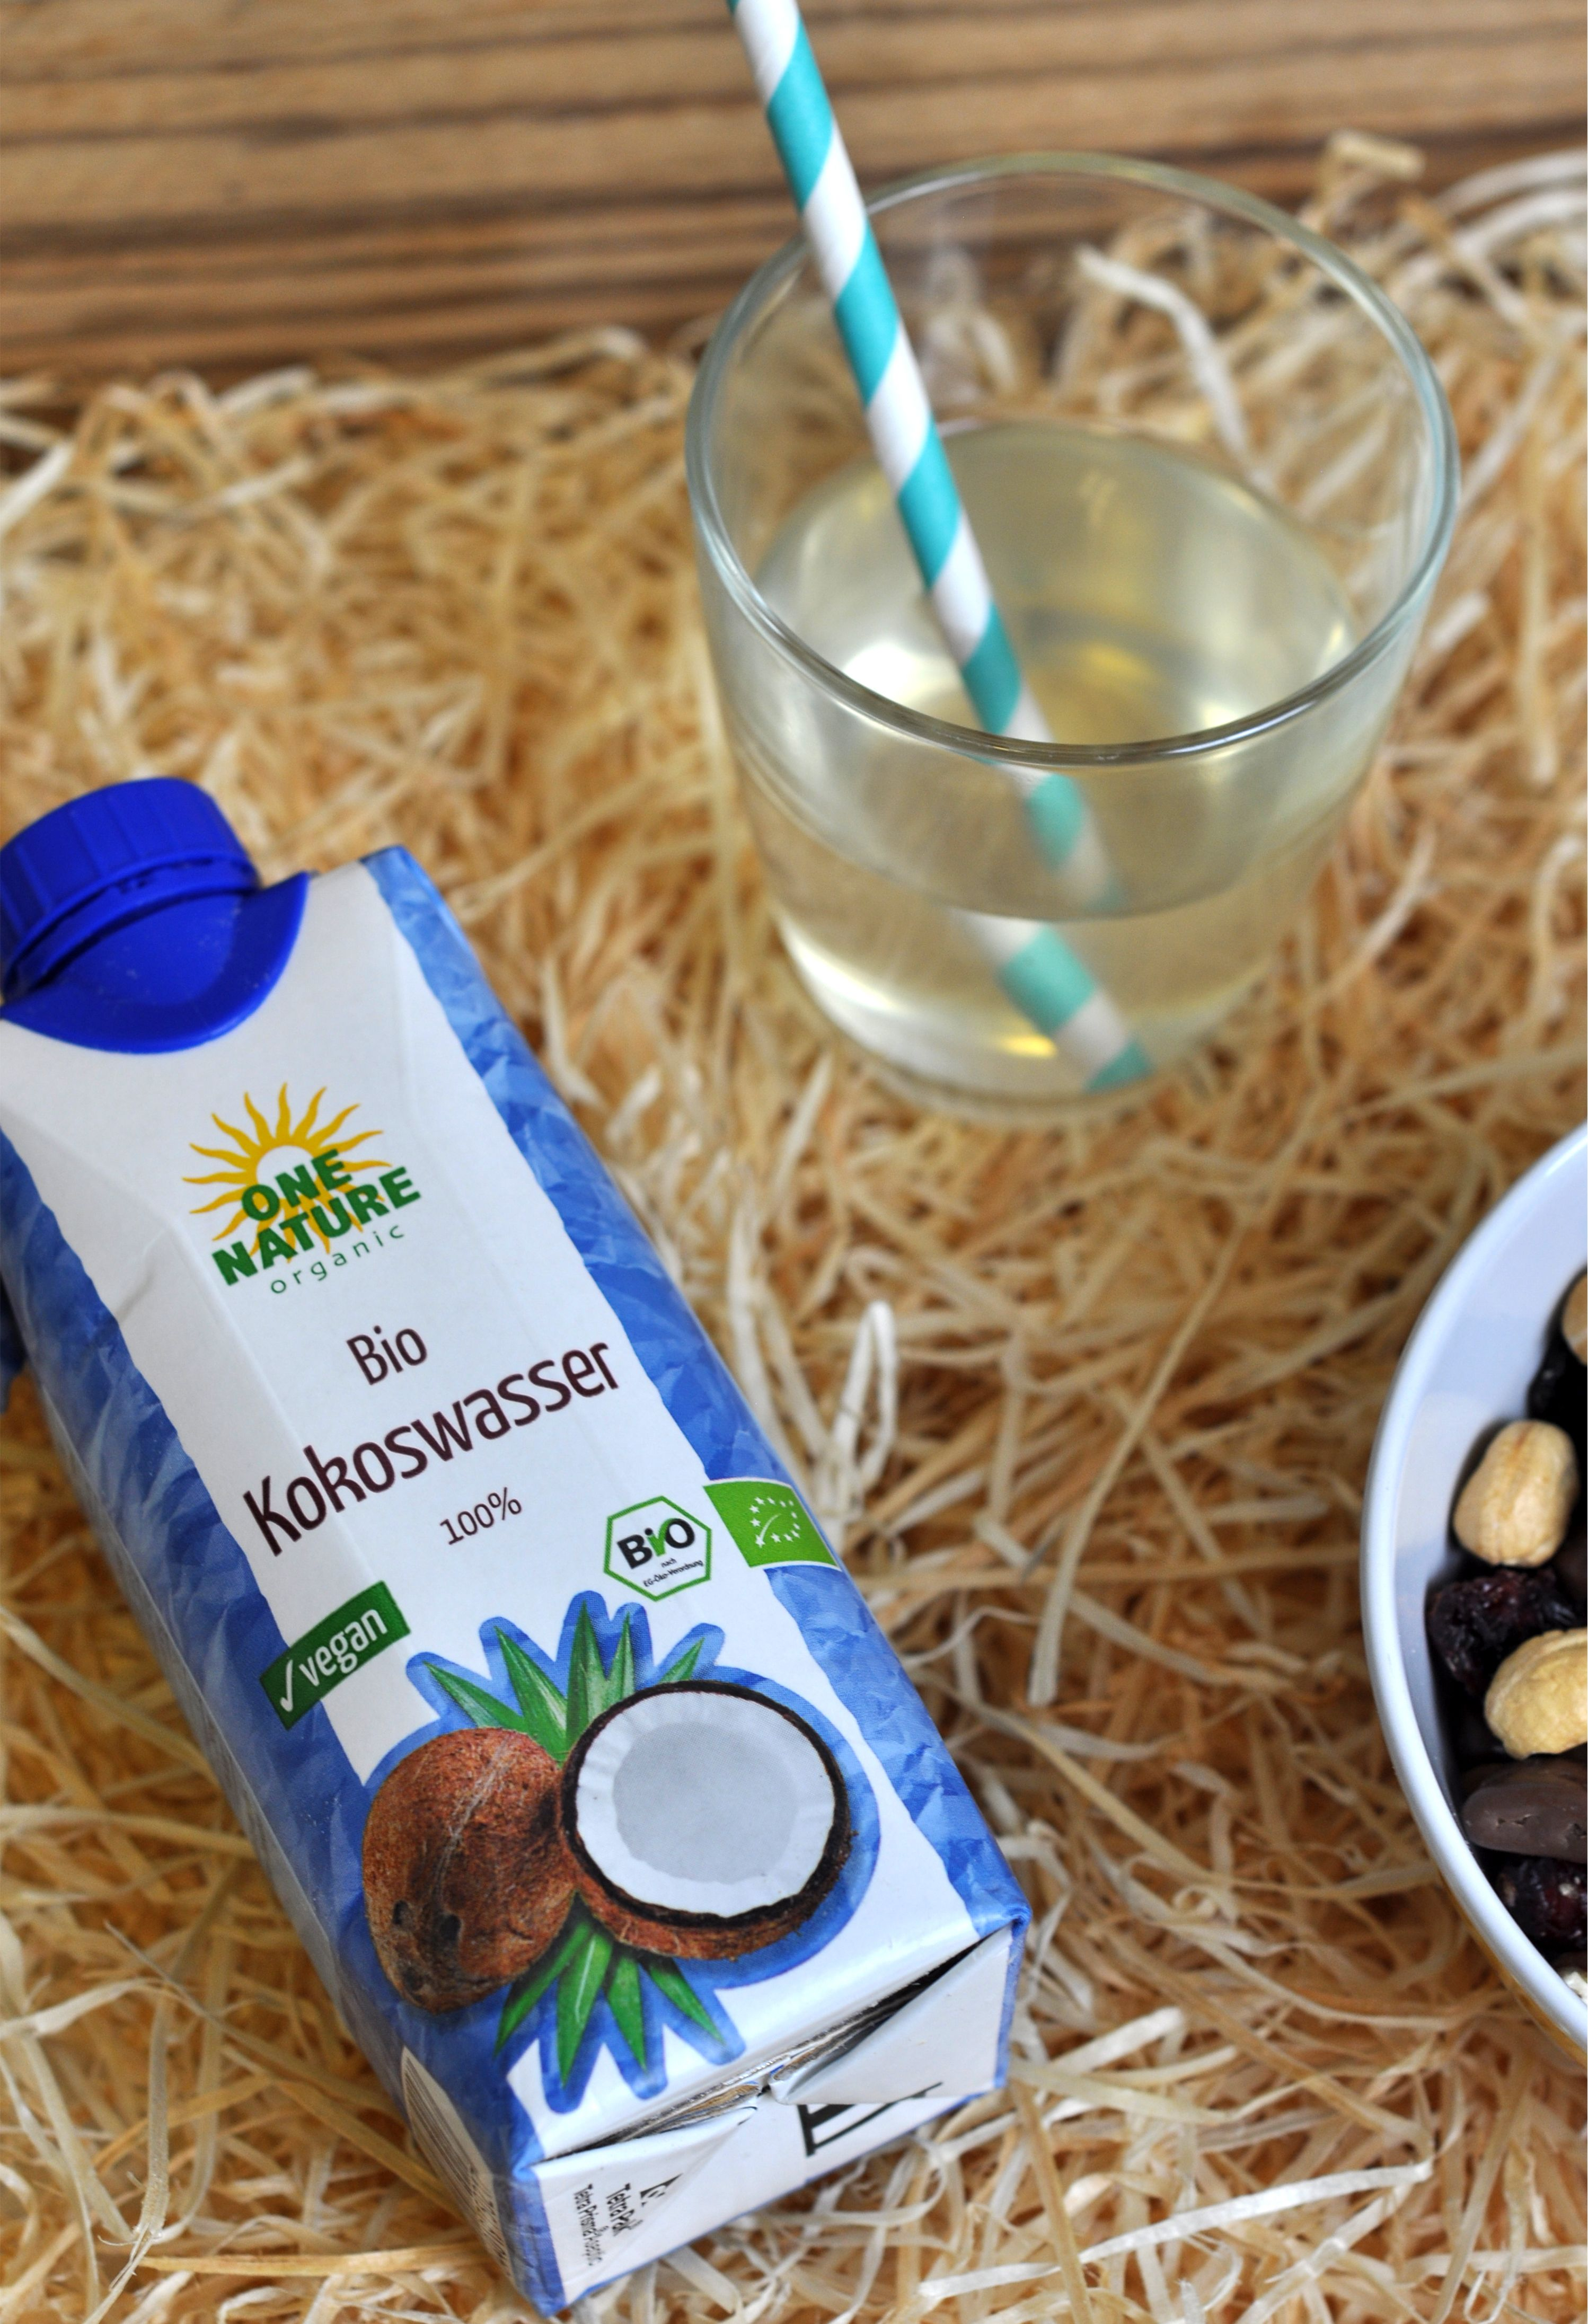 Für das Kokoswasser von ONE NATURE organic werden reife Kokosnüsse aus eigenem Anbau in Sri Lanka schonend verarbeitet – und das ganz ohne Zusatzstoffe. Das exotische Erfrischungsgetränk ist Bio-zertifiziert, natürlich und richtig lecker im Geschmack!